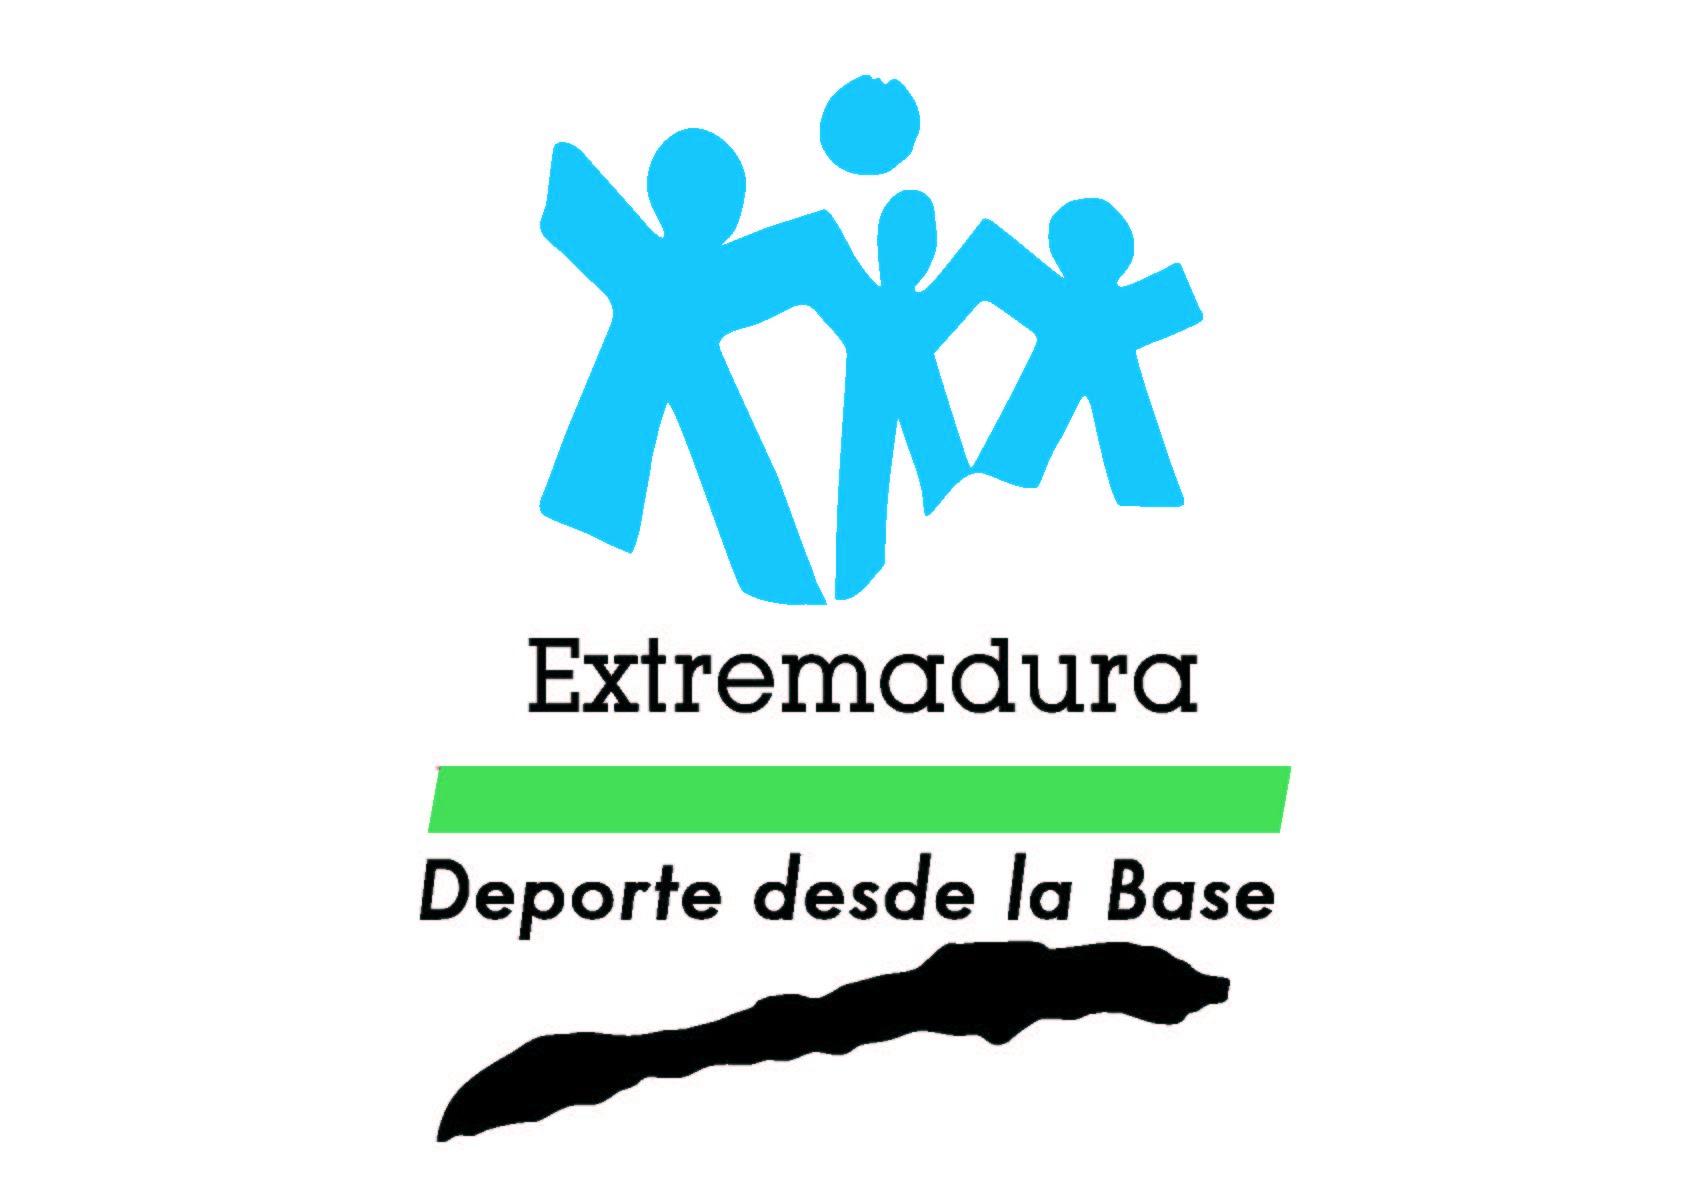 Extremadura , deporte desde la base